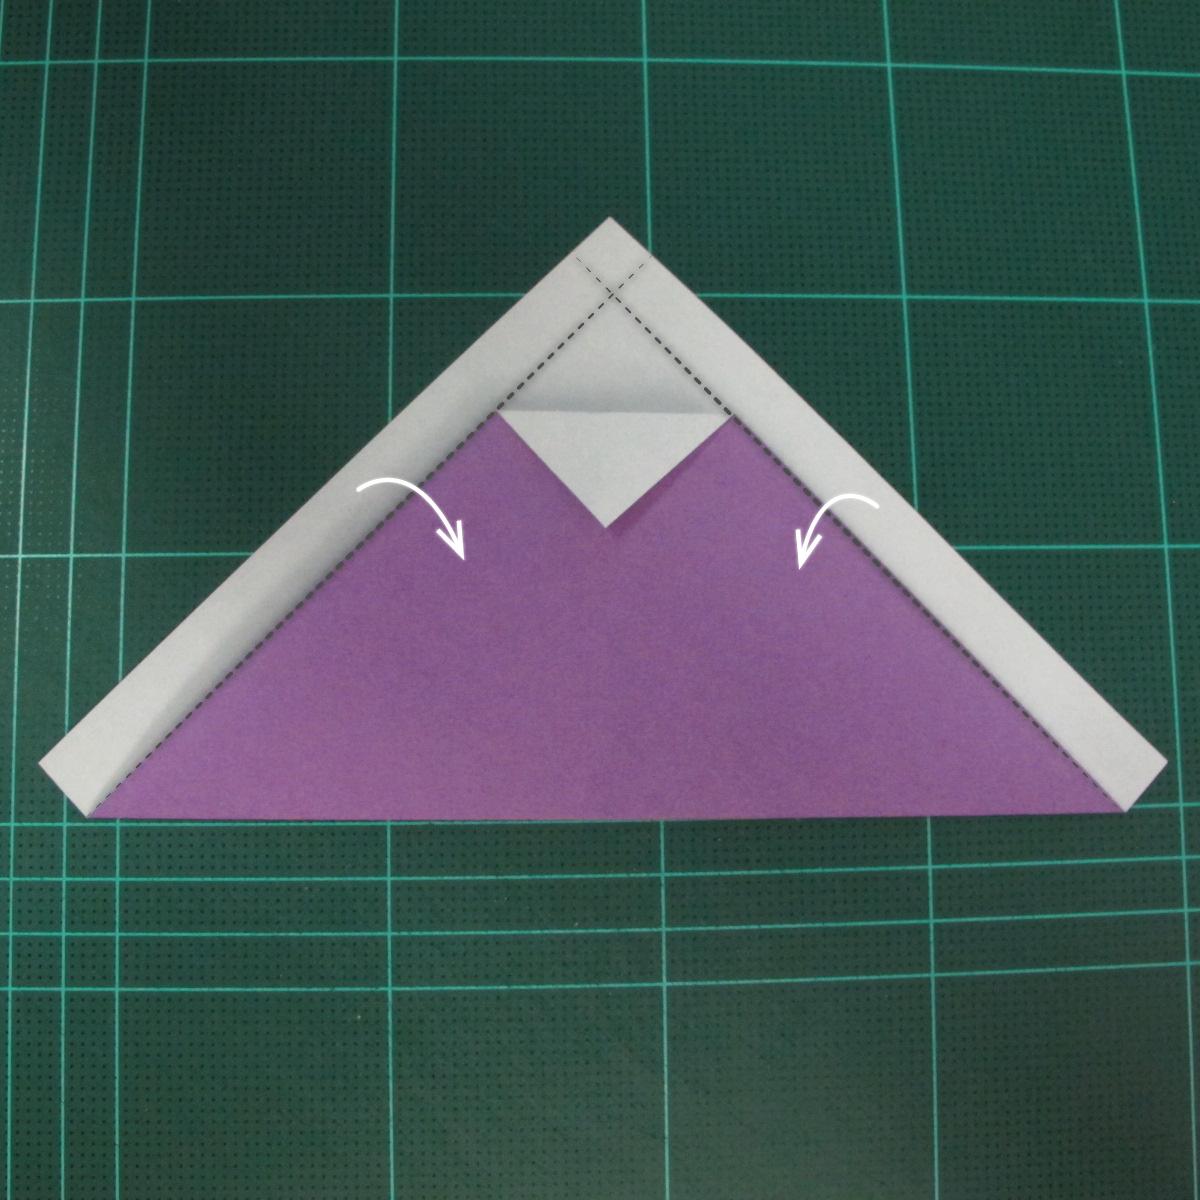 การพับกระดาษเป็นรูปแม่ชี (Origami Nun) 003